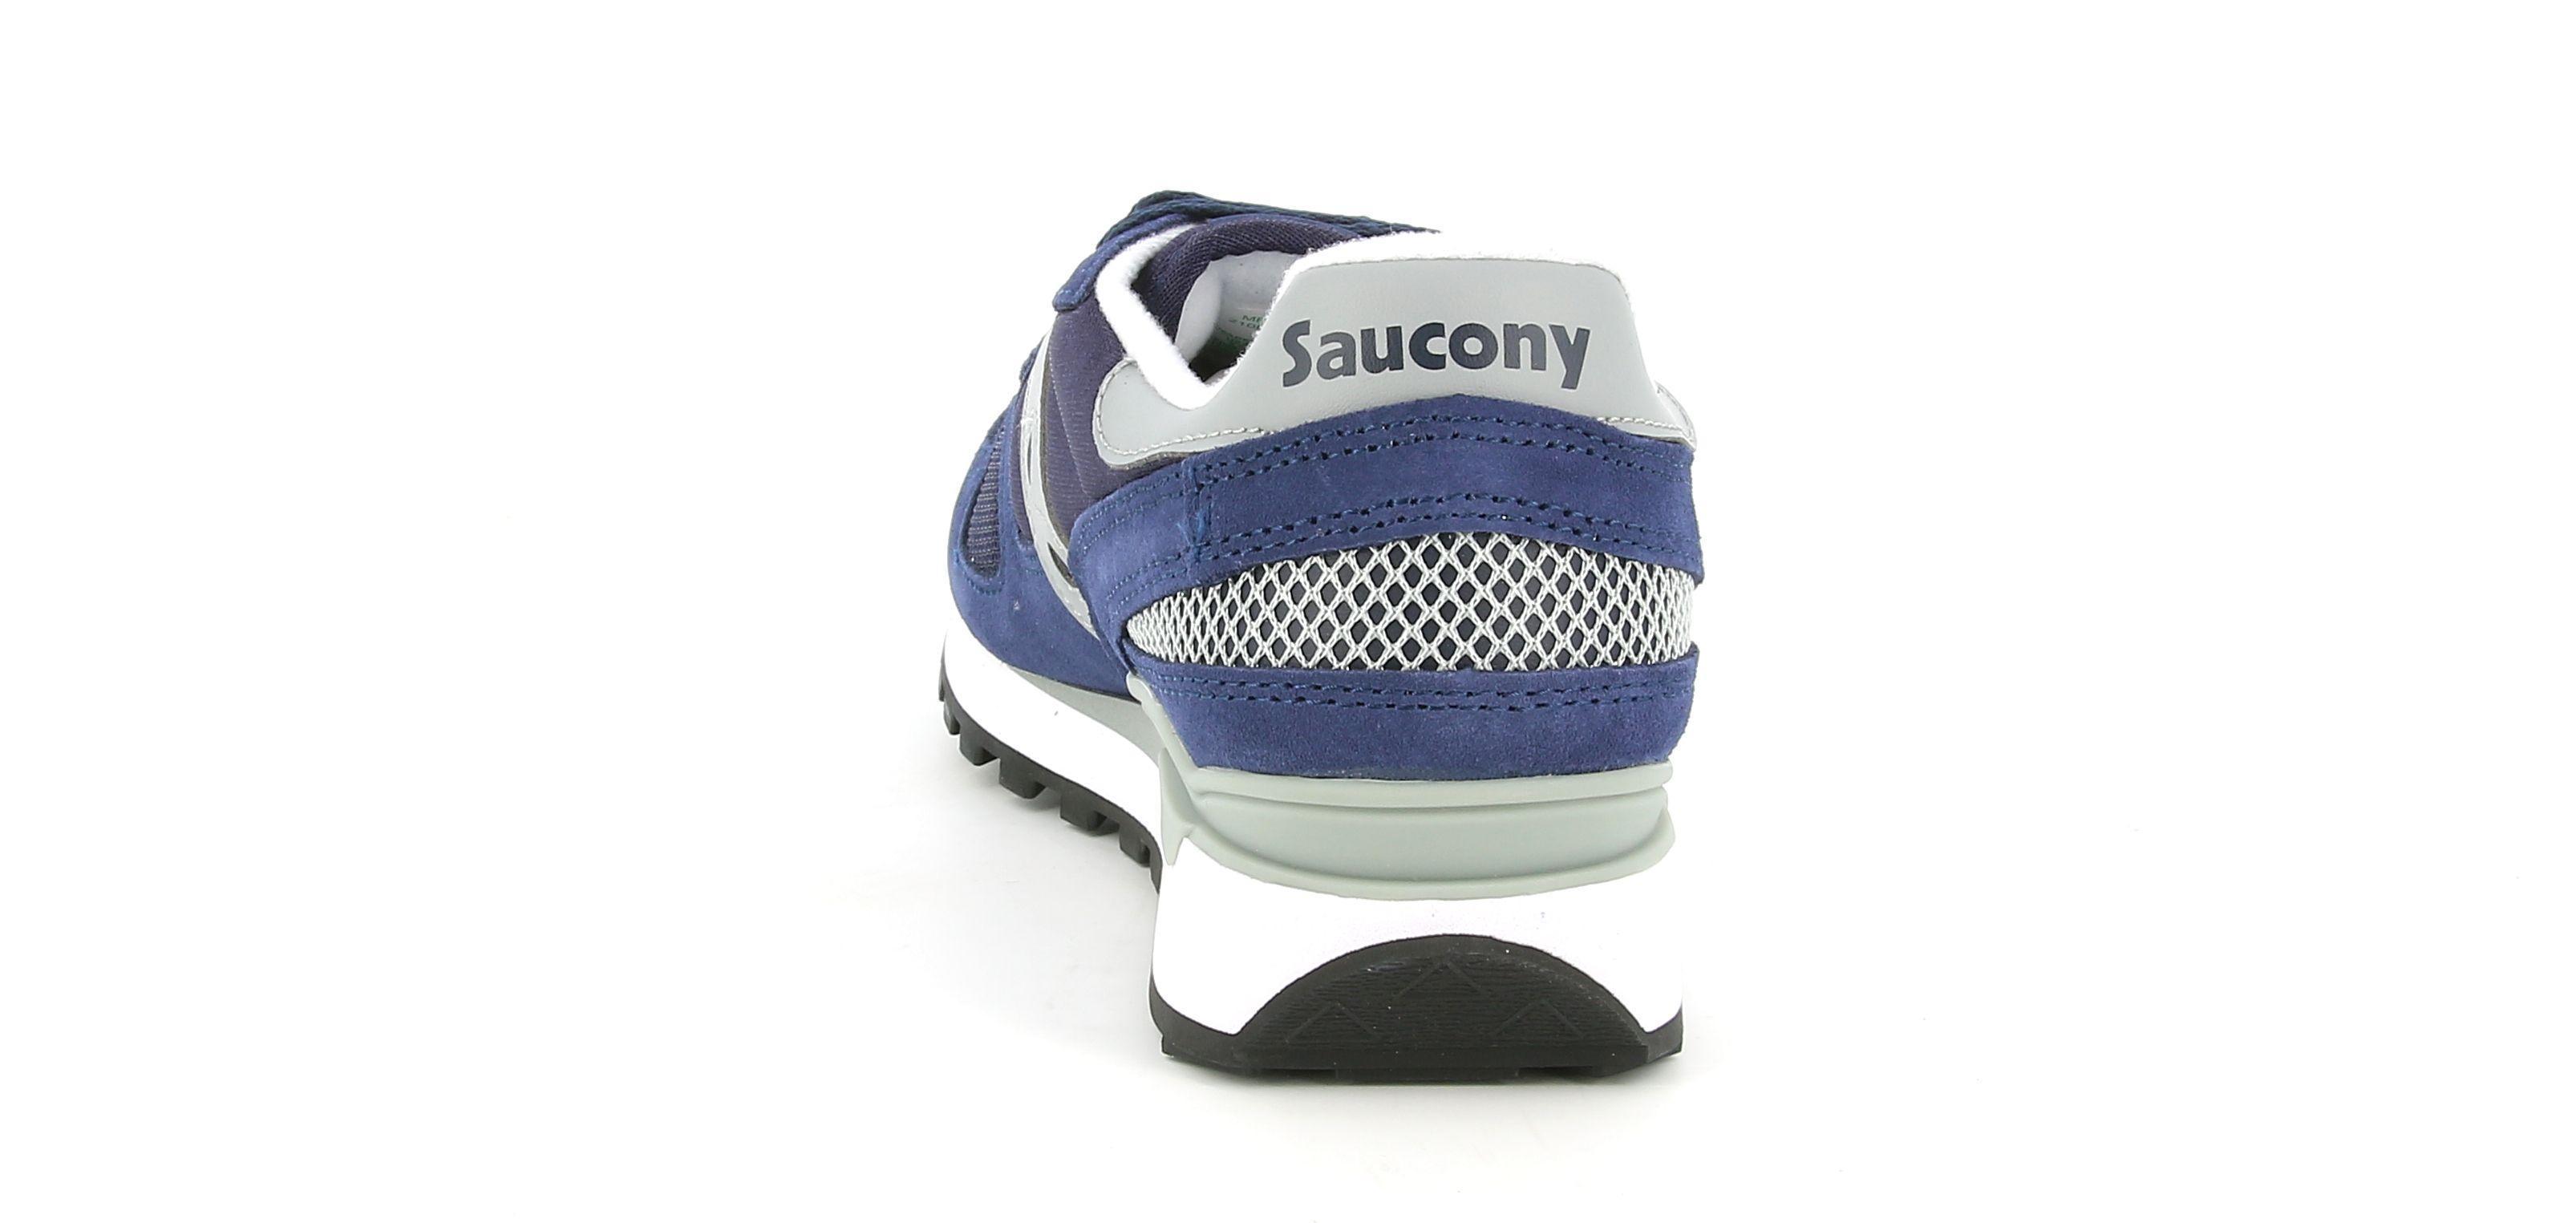 saucony saucony 2108-523 sneakers